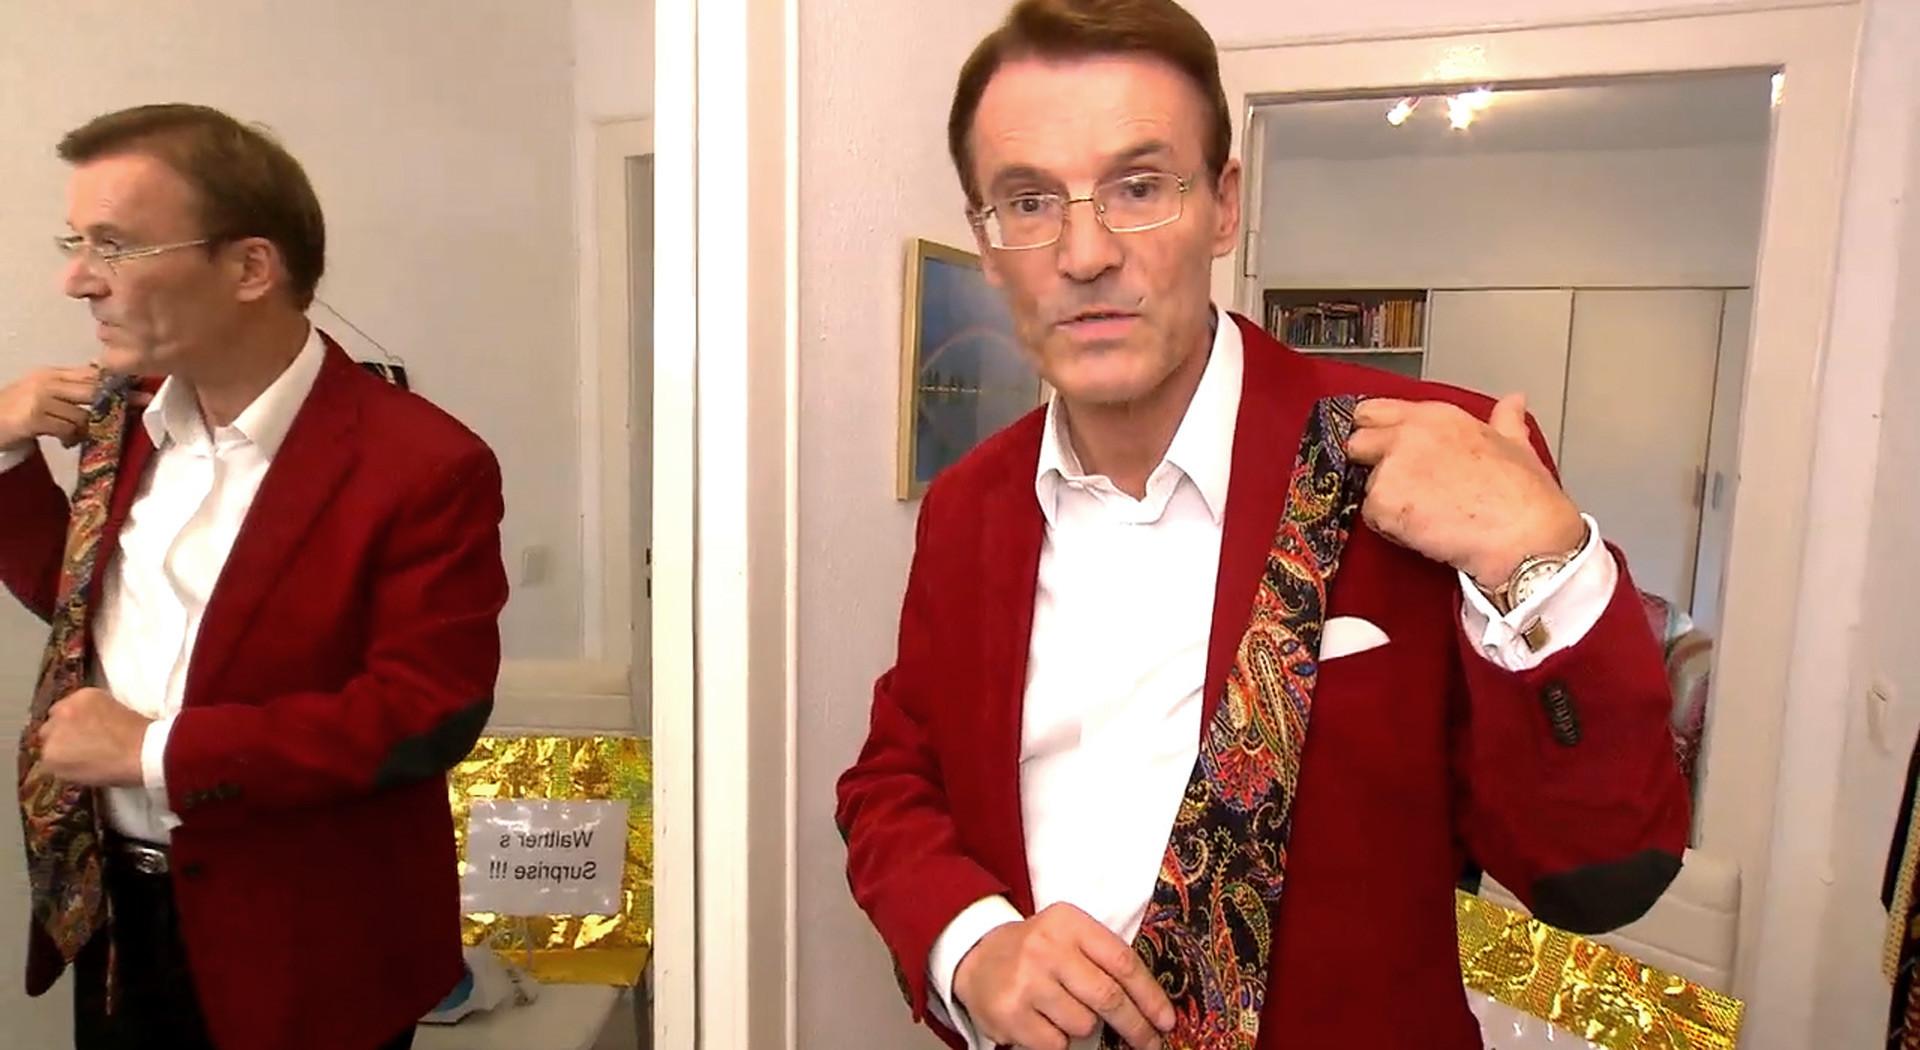 """Walther Traumfrau Gesucht Hochzeit  """"Die Krawatte ist der Lippenstift des Mannes """" Traumfrau"""